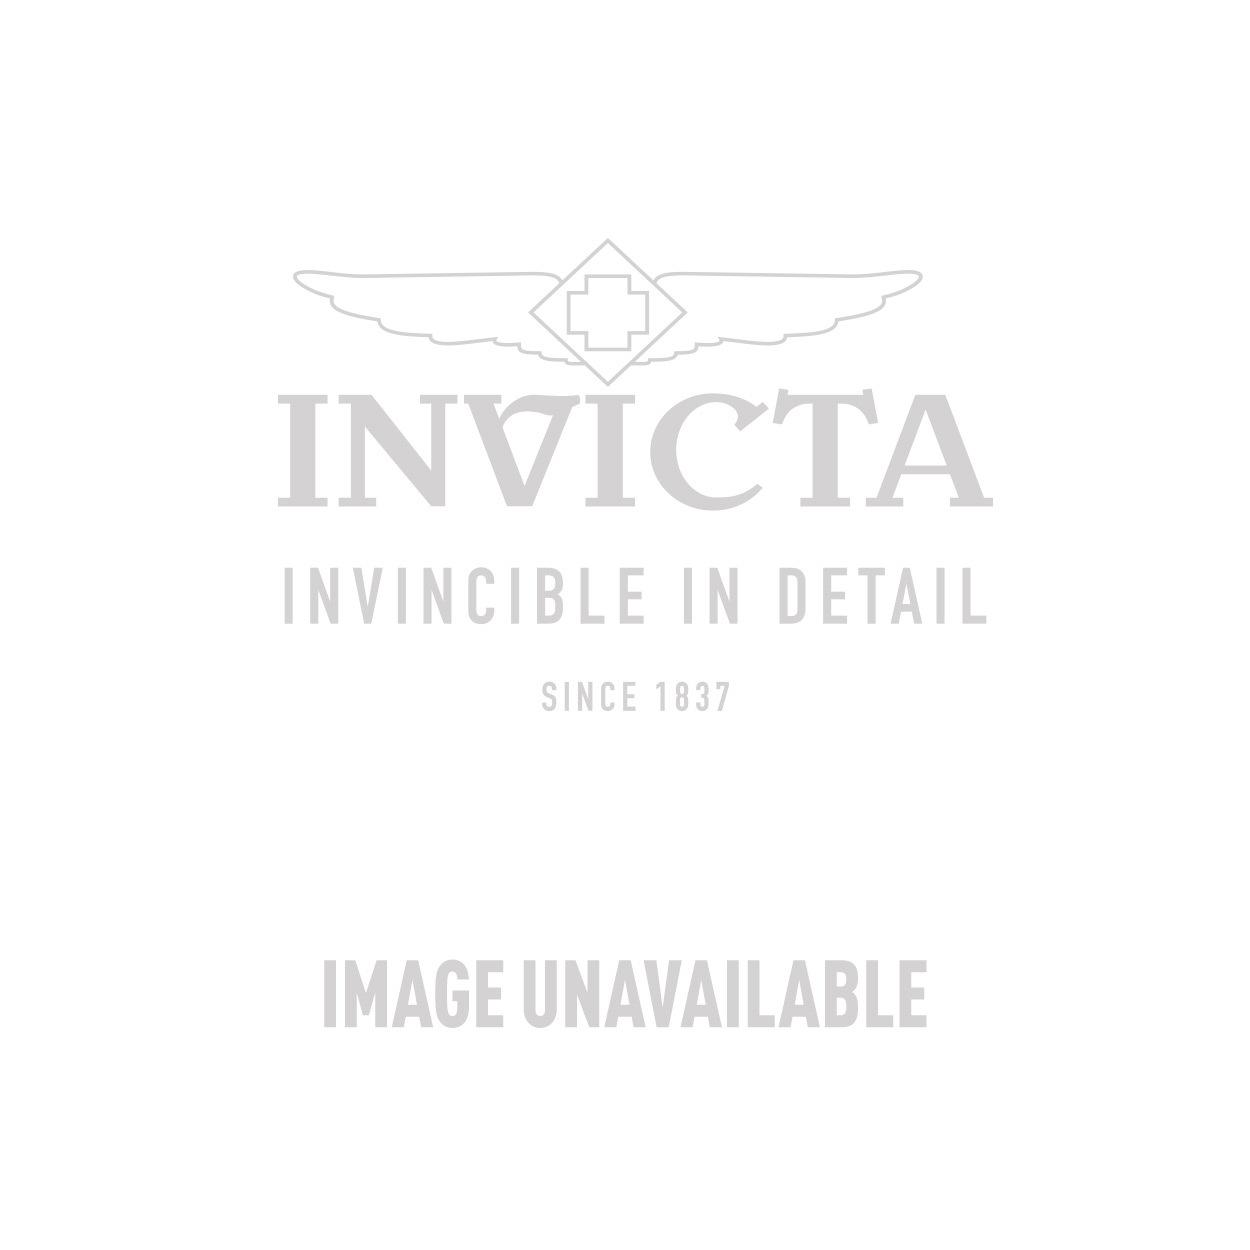 Invicta Model 28931